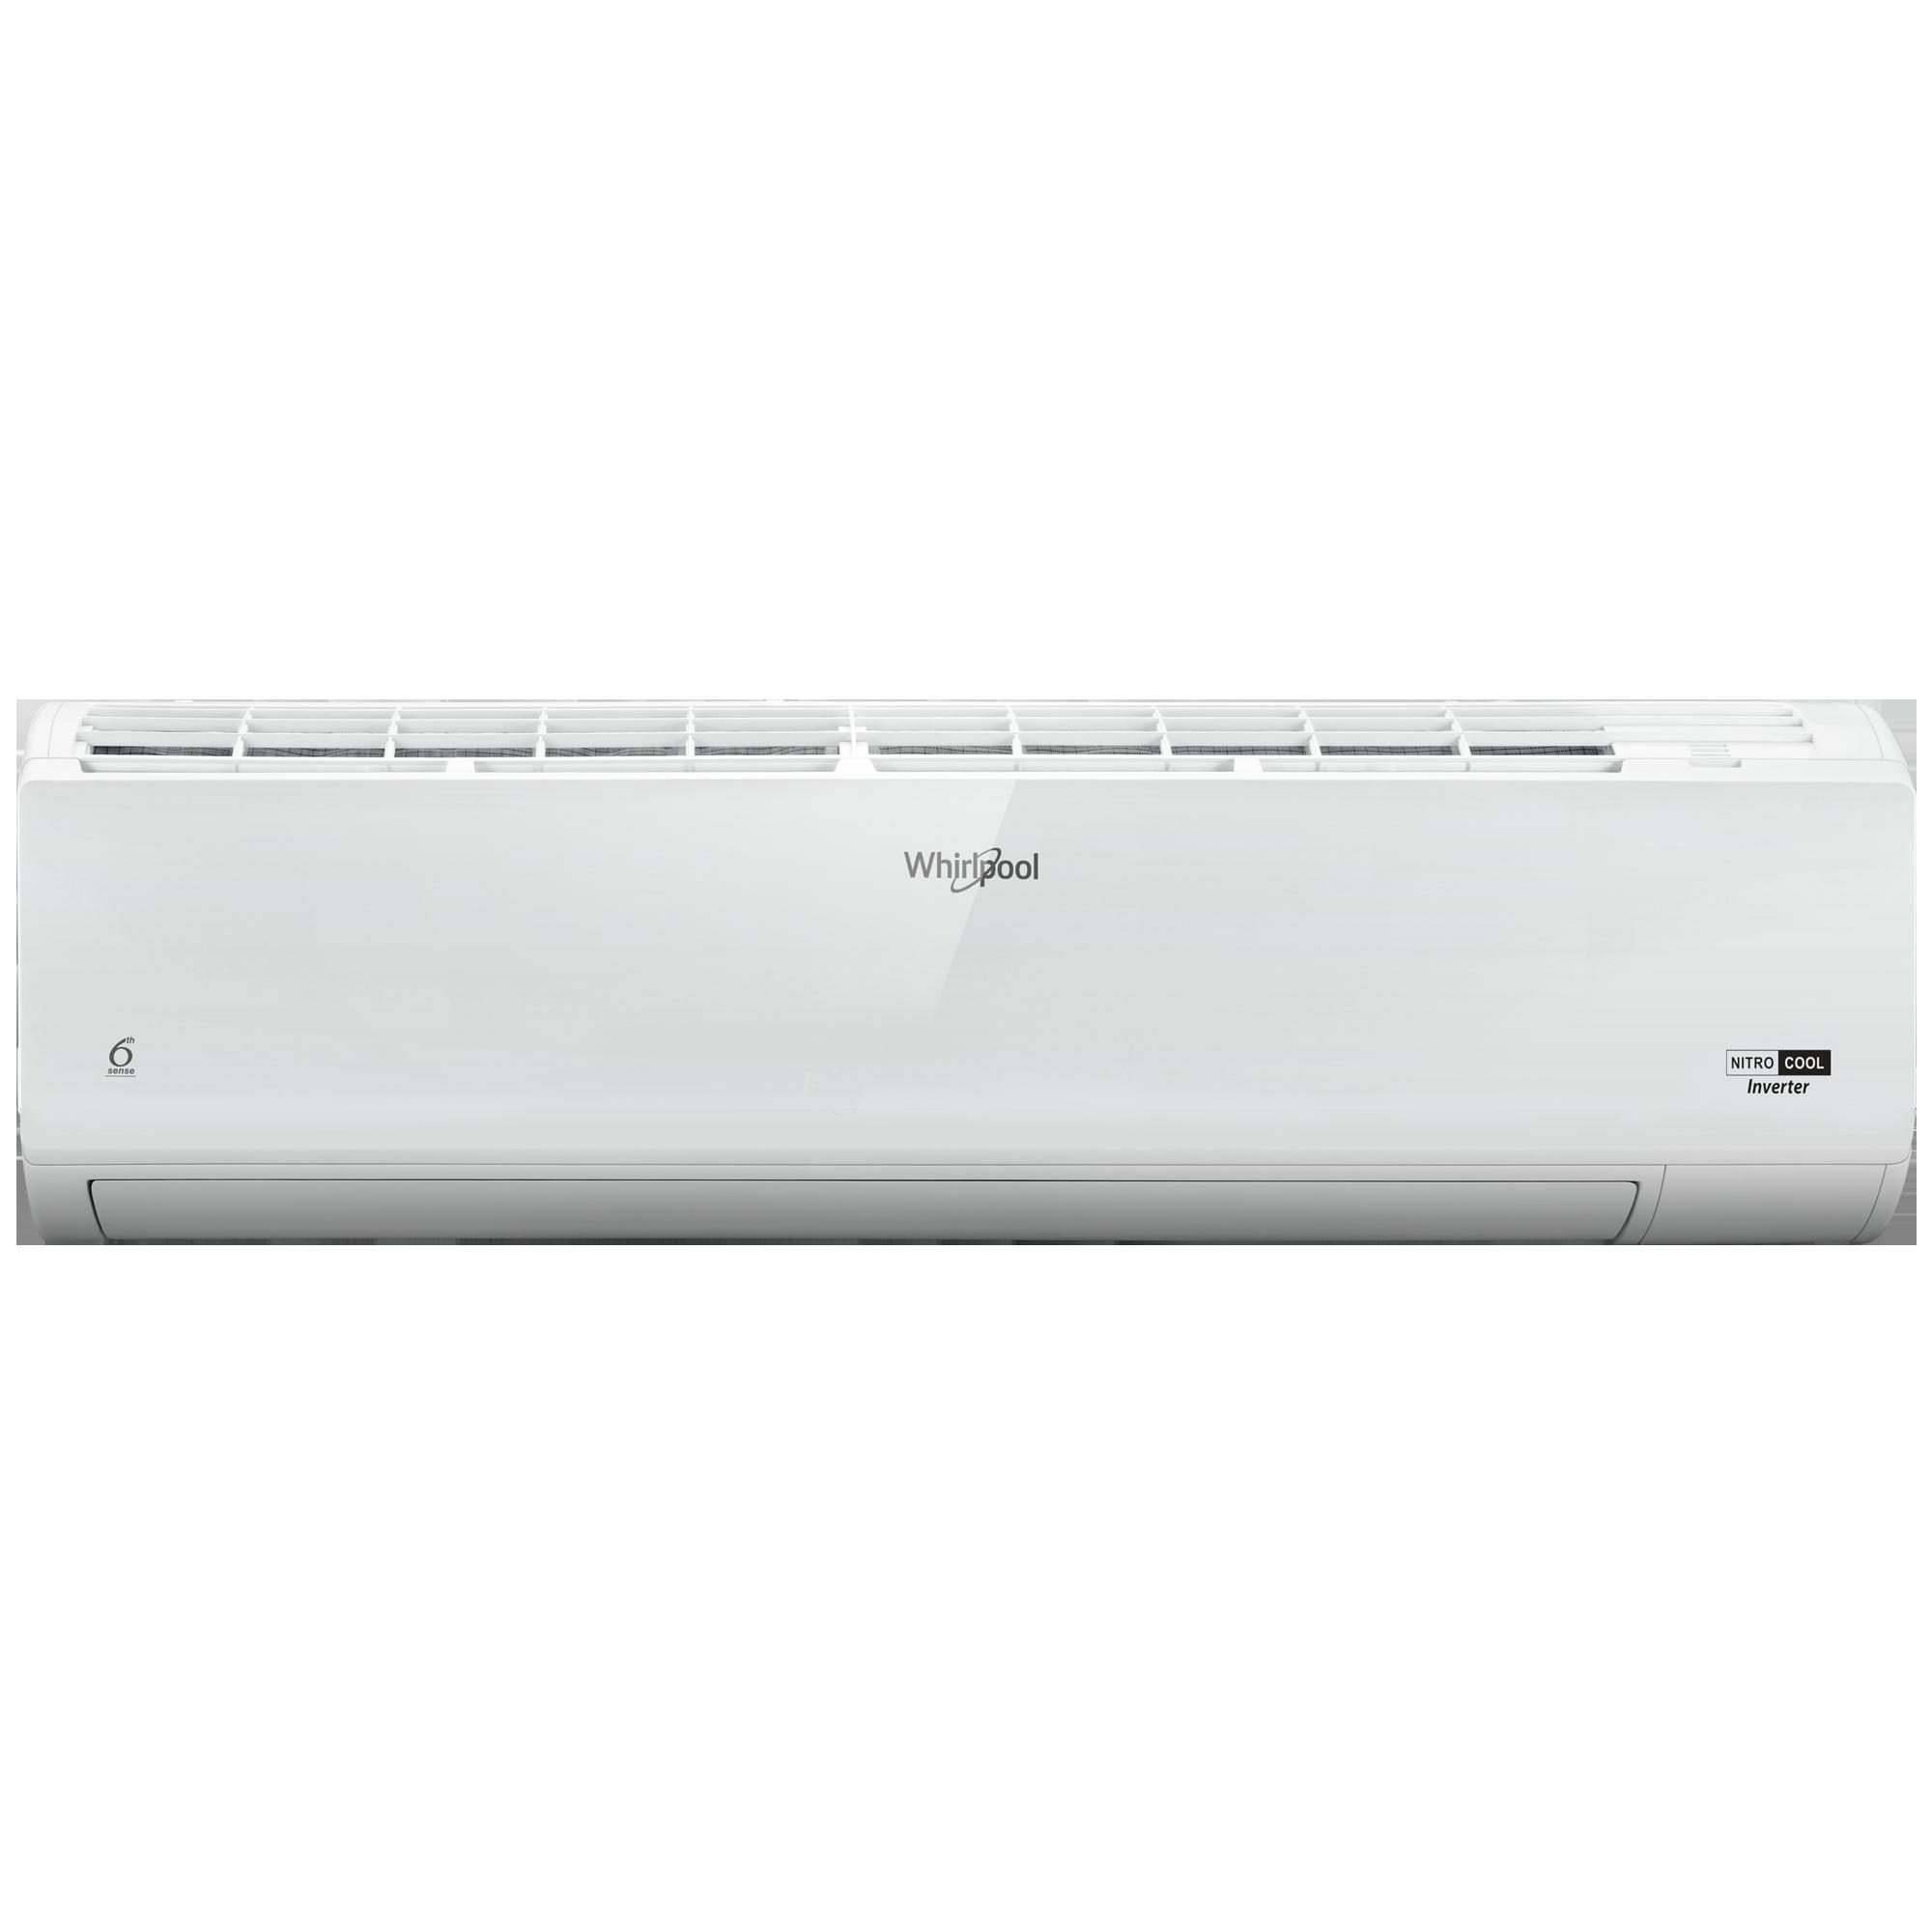 Whirlpool Nitrocool Pro 1 Ton 5 Star Inverter Split AC (4-in-1 Convertible, Copper Condenser, SAI12B50MC0, White)_1